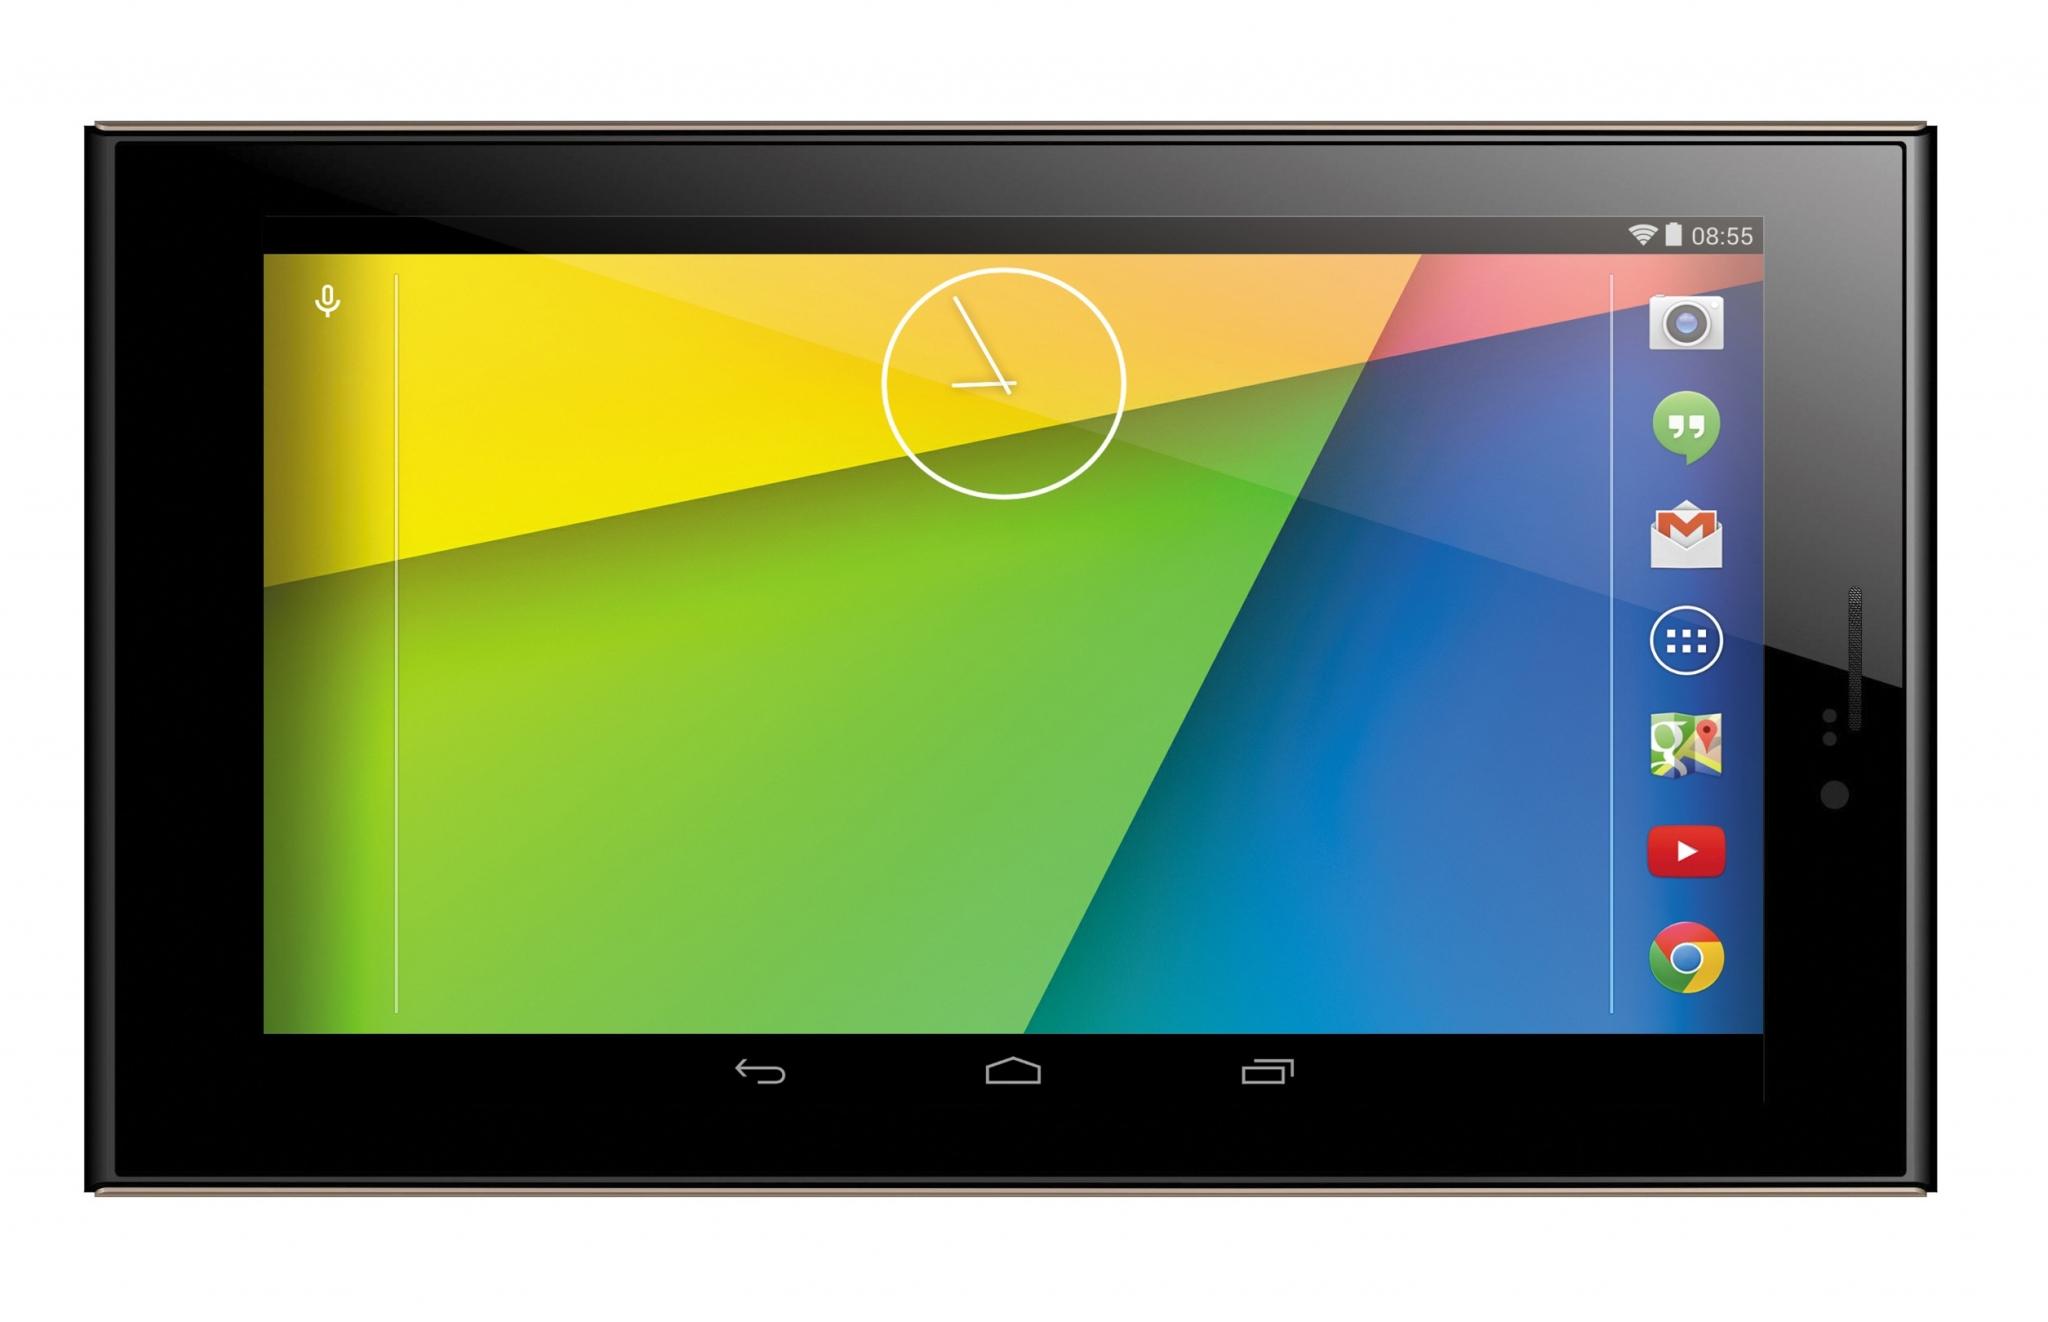 Планшет Supra M748G 8Gb 3GПланшеты<br><br><br>Операционная система: Android<br>Процессор/чипсет: MT8382 четырехядерный A7 1.3 ГГц<br>Размер оперативной памяти: 1 Гб DDR3<br>Встроенная память, Гб: 8<br>Размер экрана, дюйм: 7<br>Разрешение экрана: 1024x600<br>Тип экрана: TFT IPS<br>Сенсорный экран: емкостный, мультитач<br>Поддержка Wi-Fi: есть<br>Поддержка Bluetooth: есть